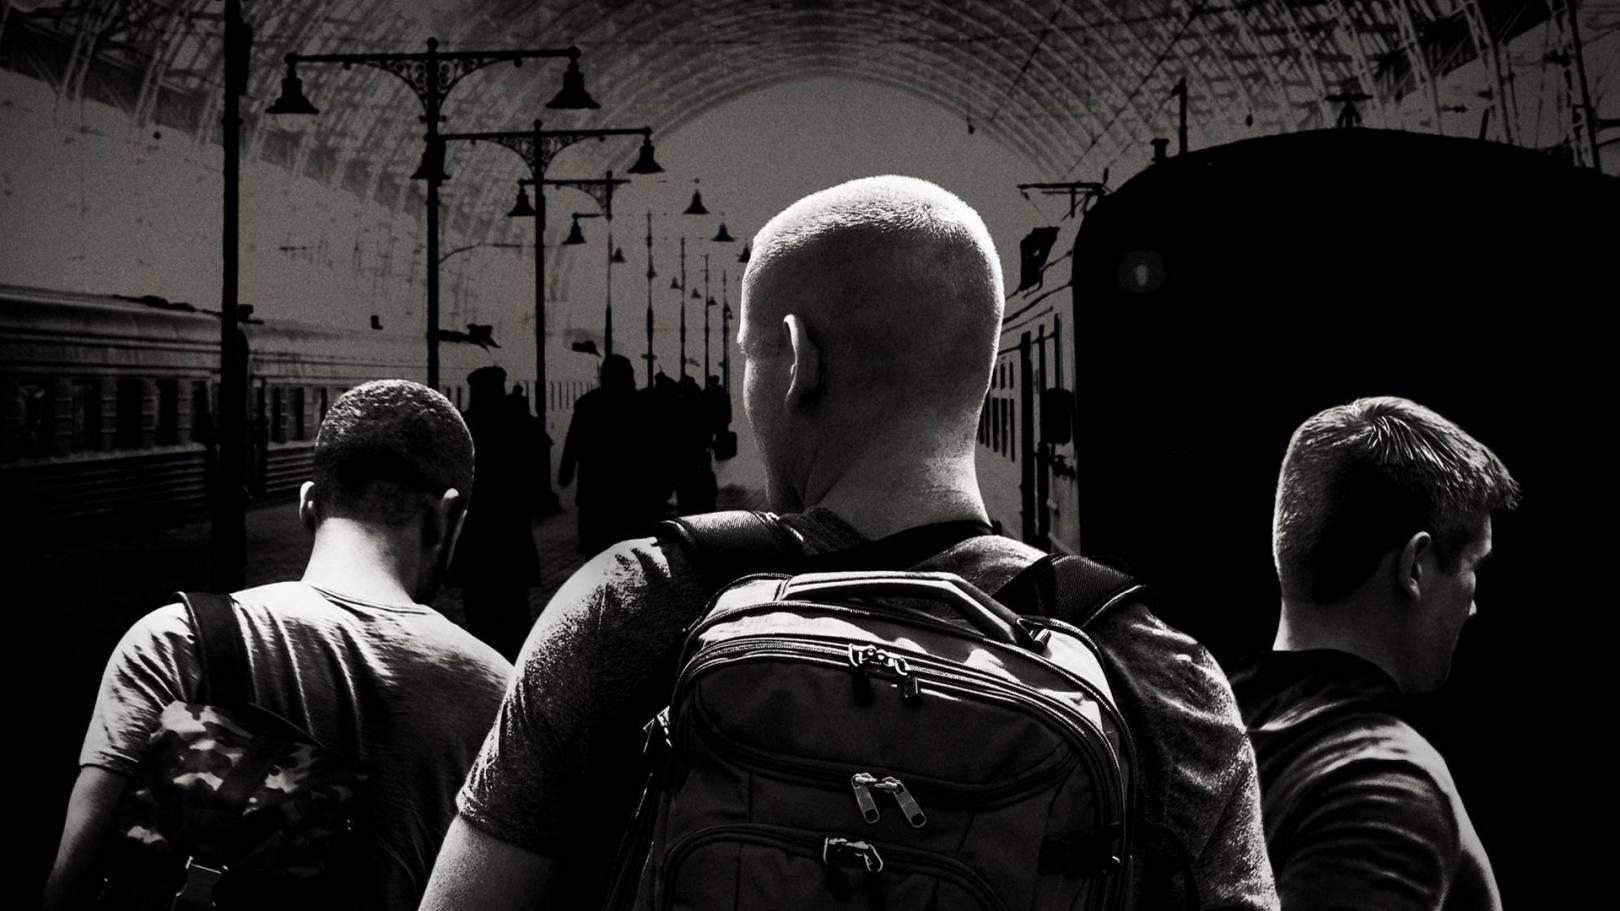 15:17 - Attacco Al Treno